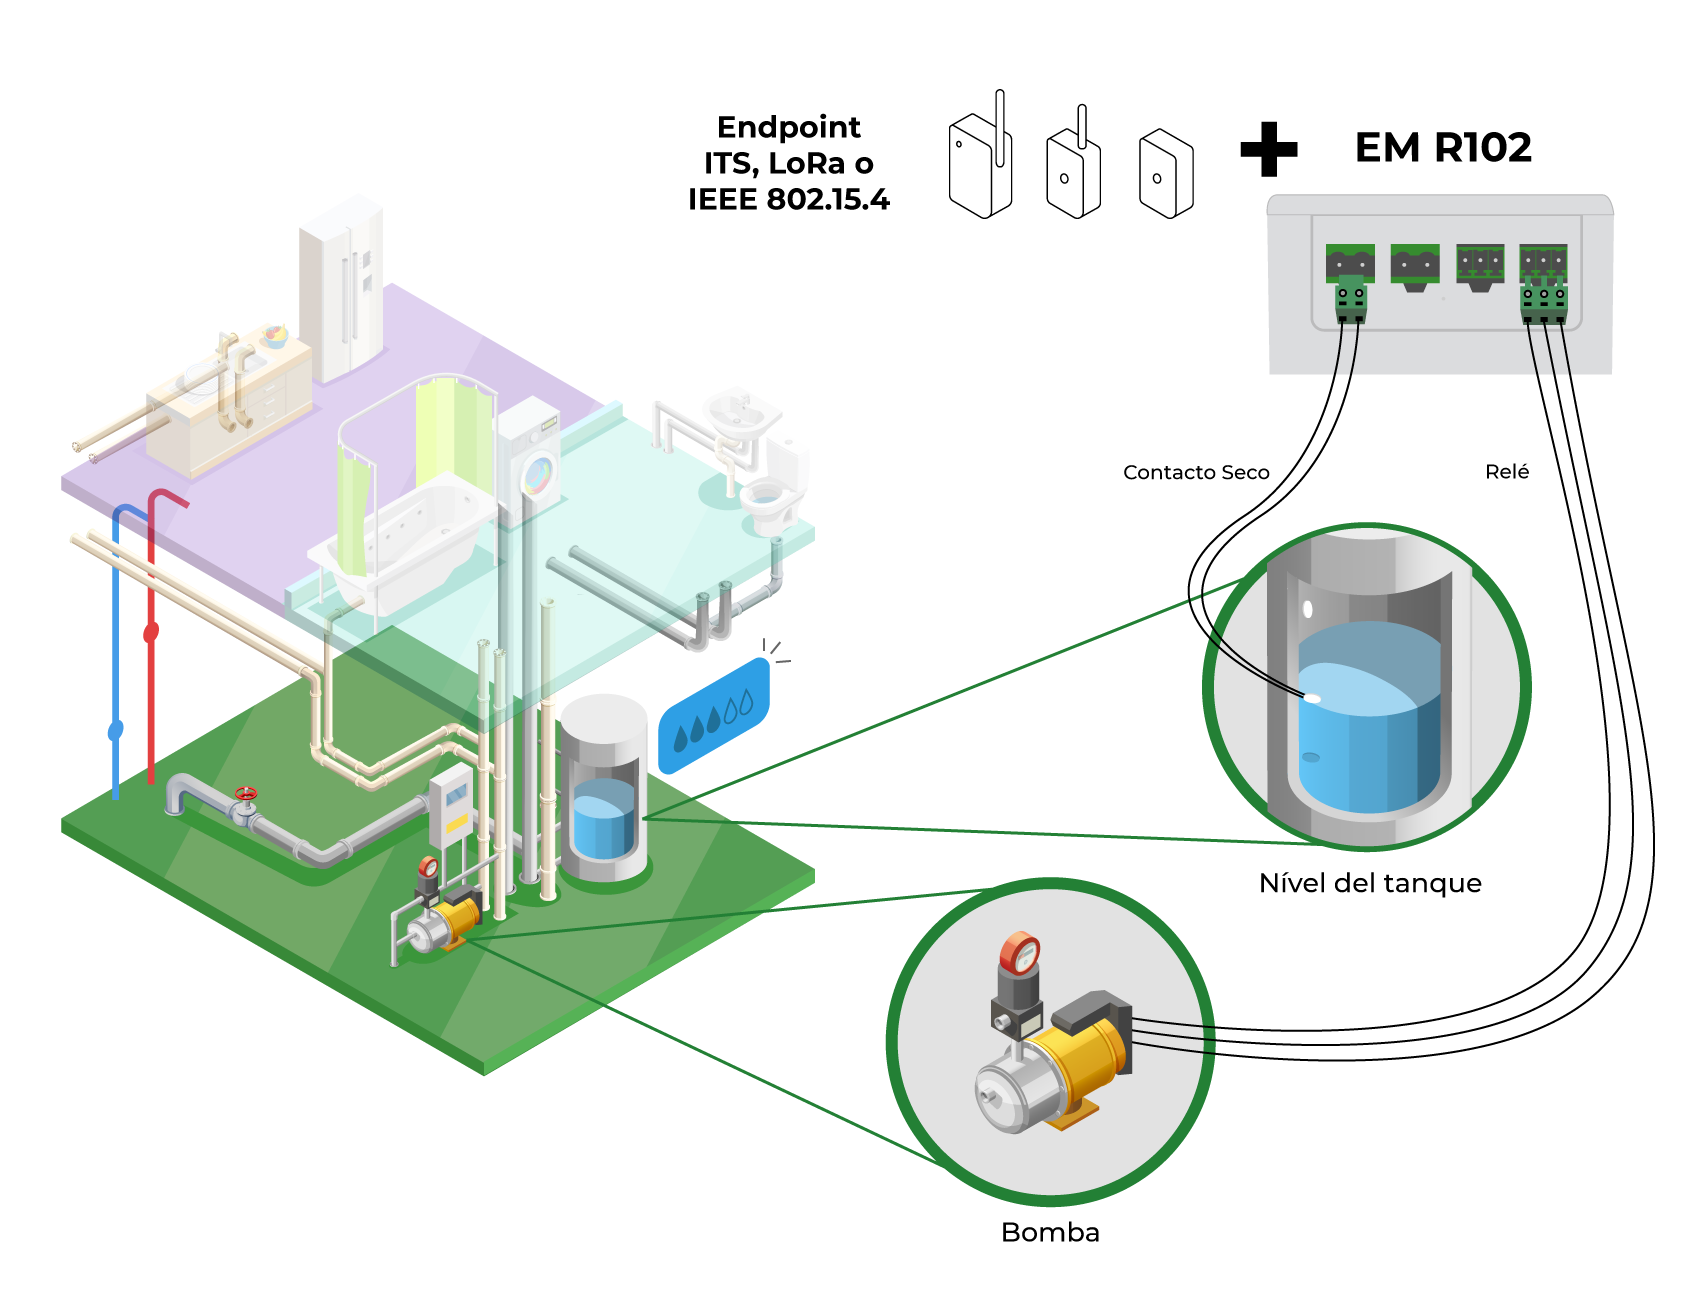 Modelo de aplicación - EM R102 (extensión Endpoints IoT Khomp)